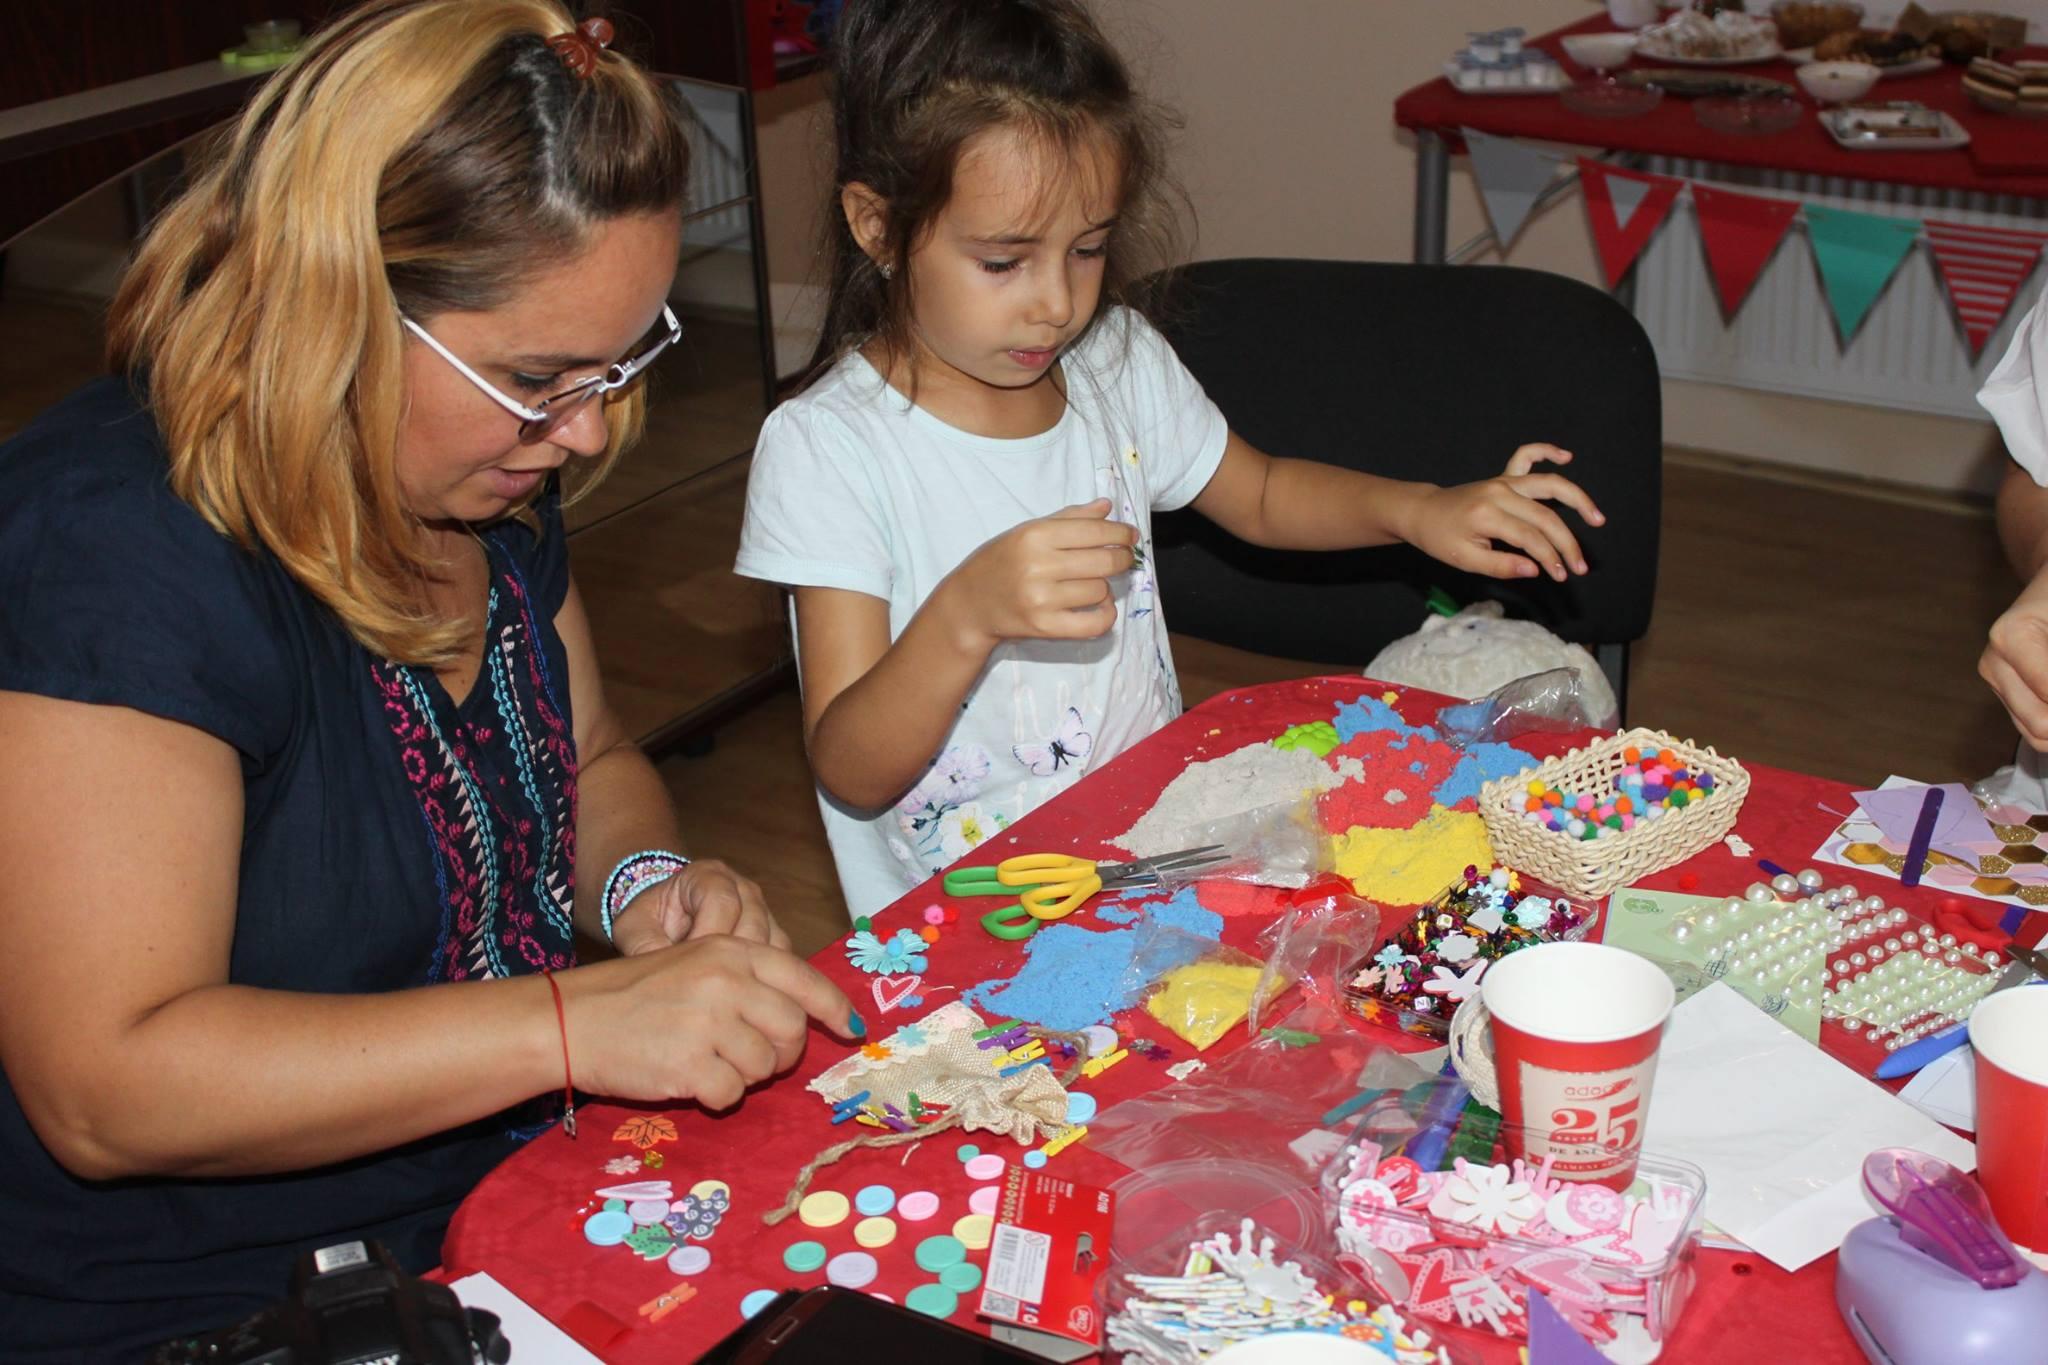 atelier de craft la sediul Adaconi - Daco - Hateg